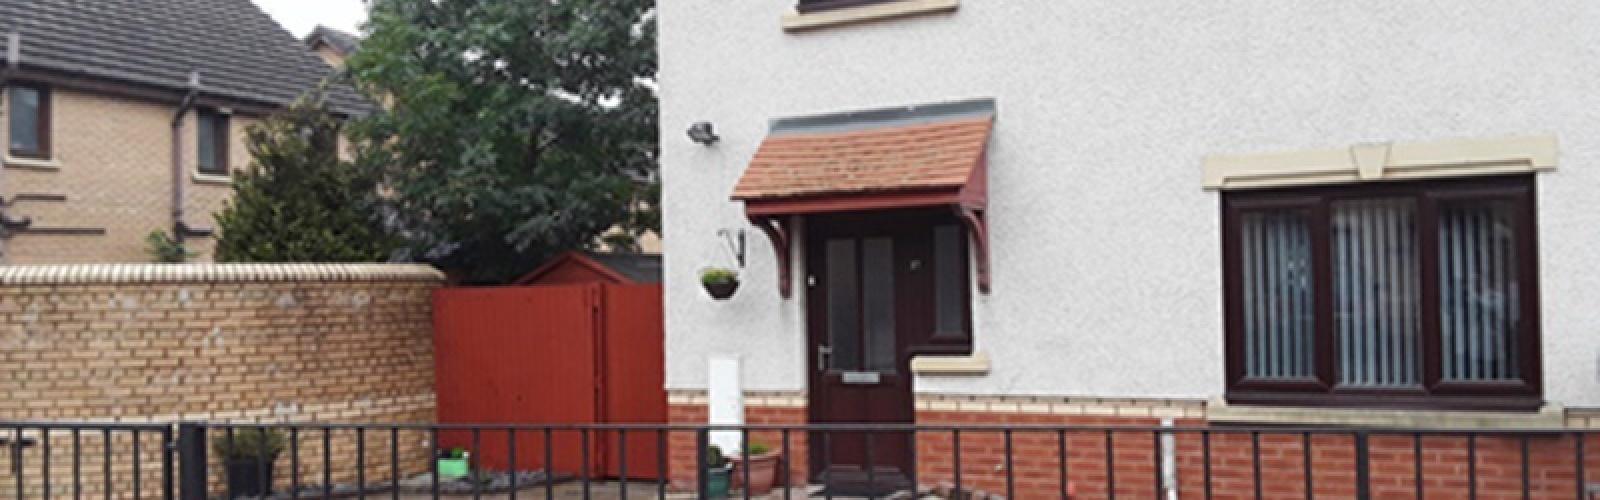 Detached House,1026